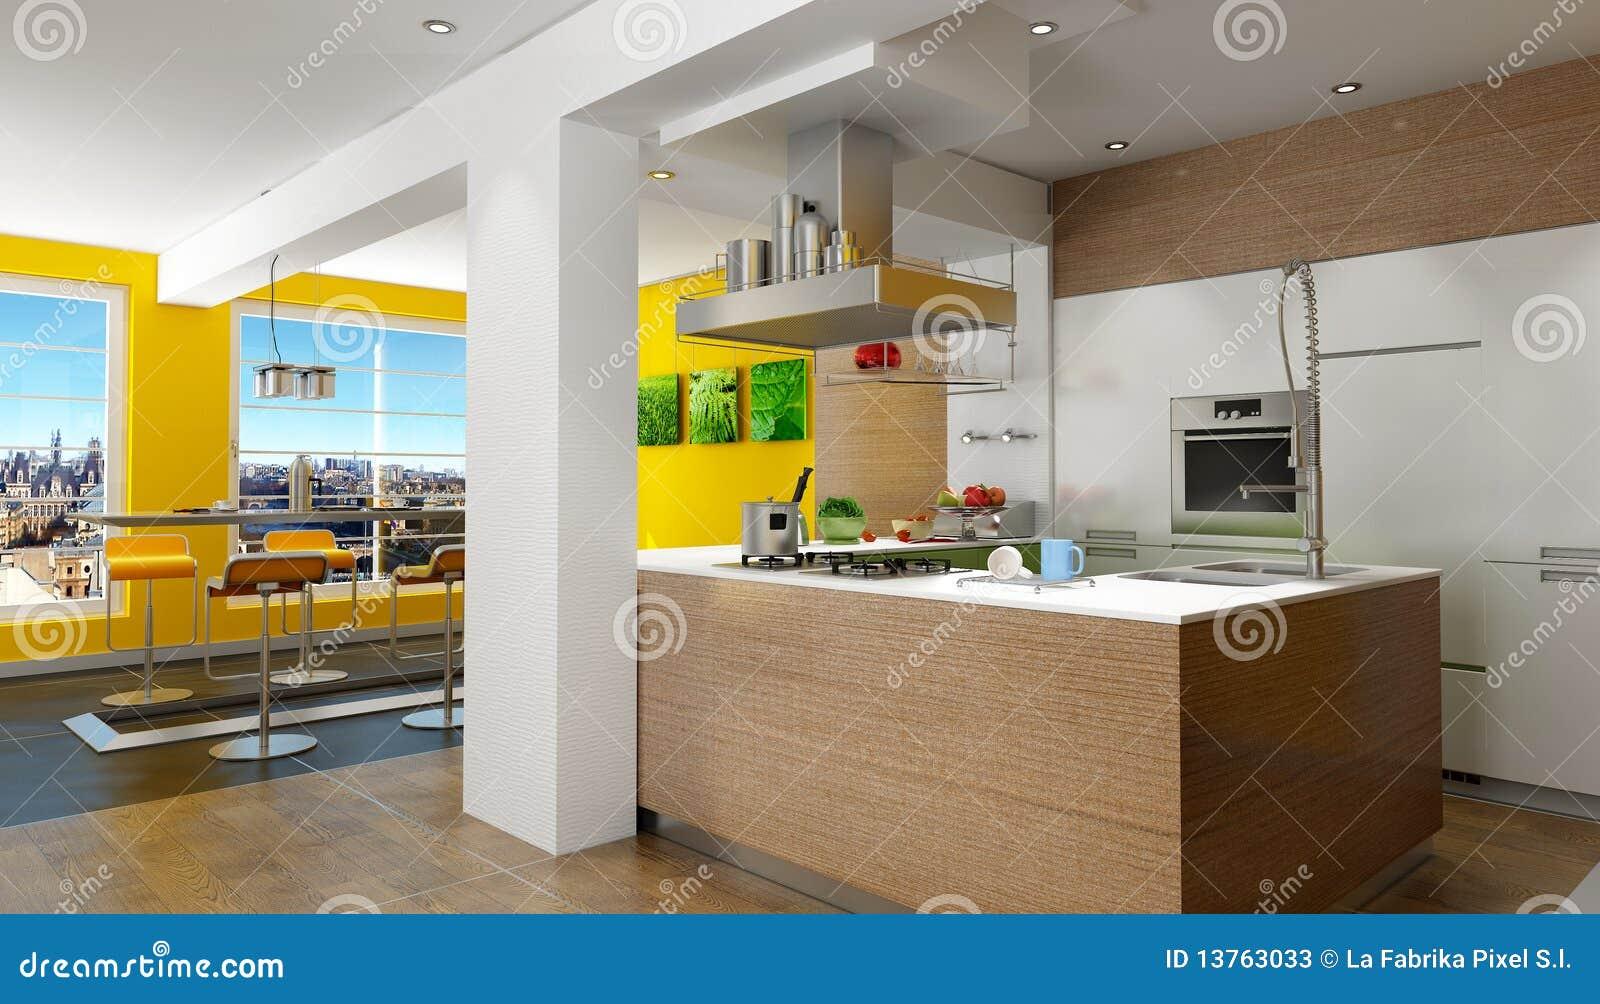 Cozinha Da Sótão De Luxo Fotos de Stock Imagem: 13763033 #C2A309 1300 833